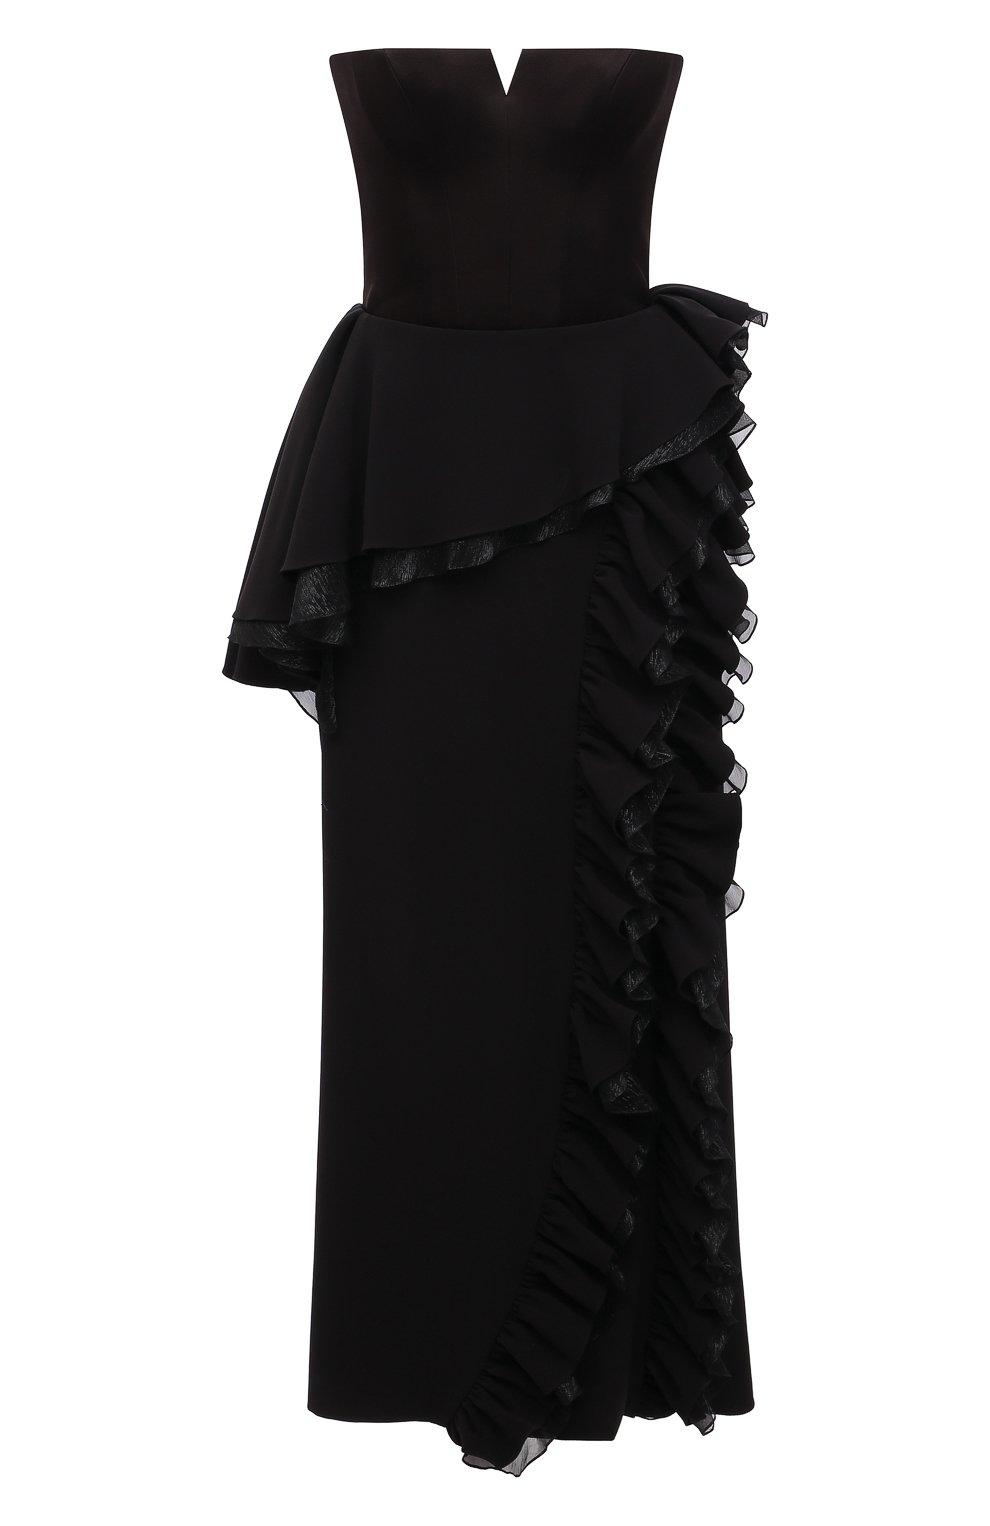 Женское платье ULYANA SERGEENKO черного цвета, арт. ABM003FW21NY(2074т20) | Фото 1 (Случай: Вечерний; Рукава: Короткие; Женское Кросс-КТ: платье-футляр, Платье-одежда; Материал внешний: Синтетический материал; Длина Ж (юбки, платья, шорты): Миди; Стили: Романтичный; Материал подклада: Шелк)